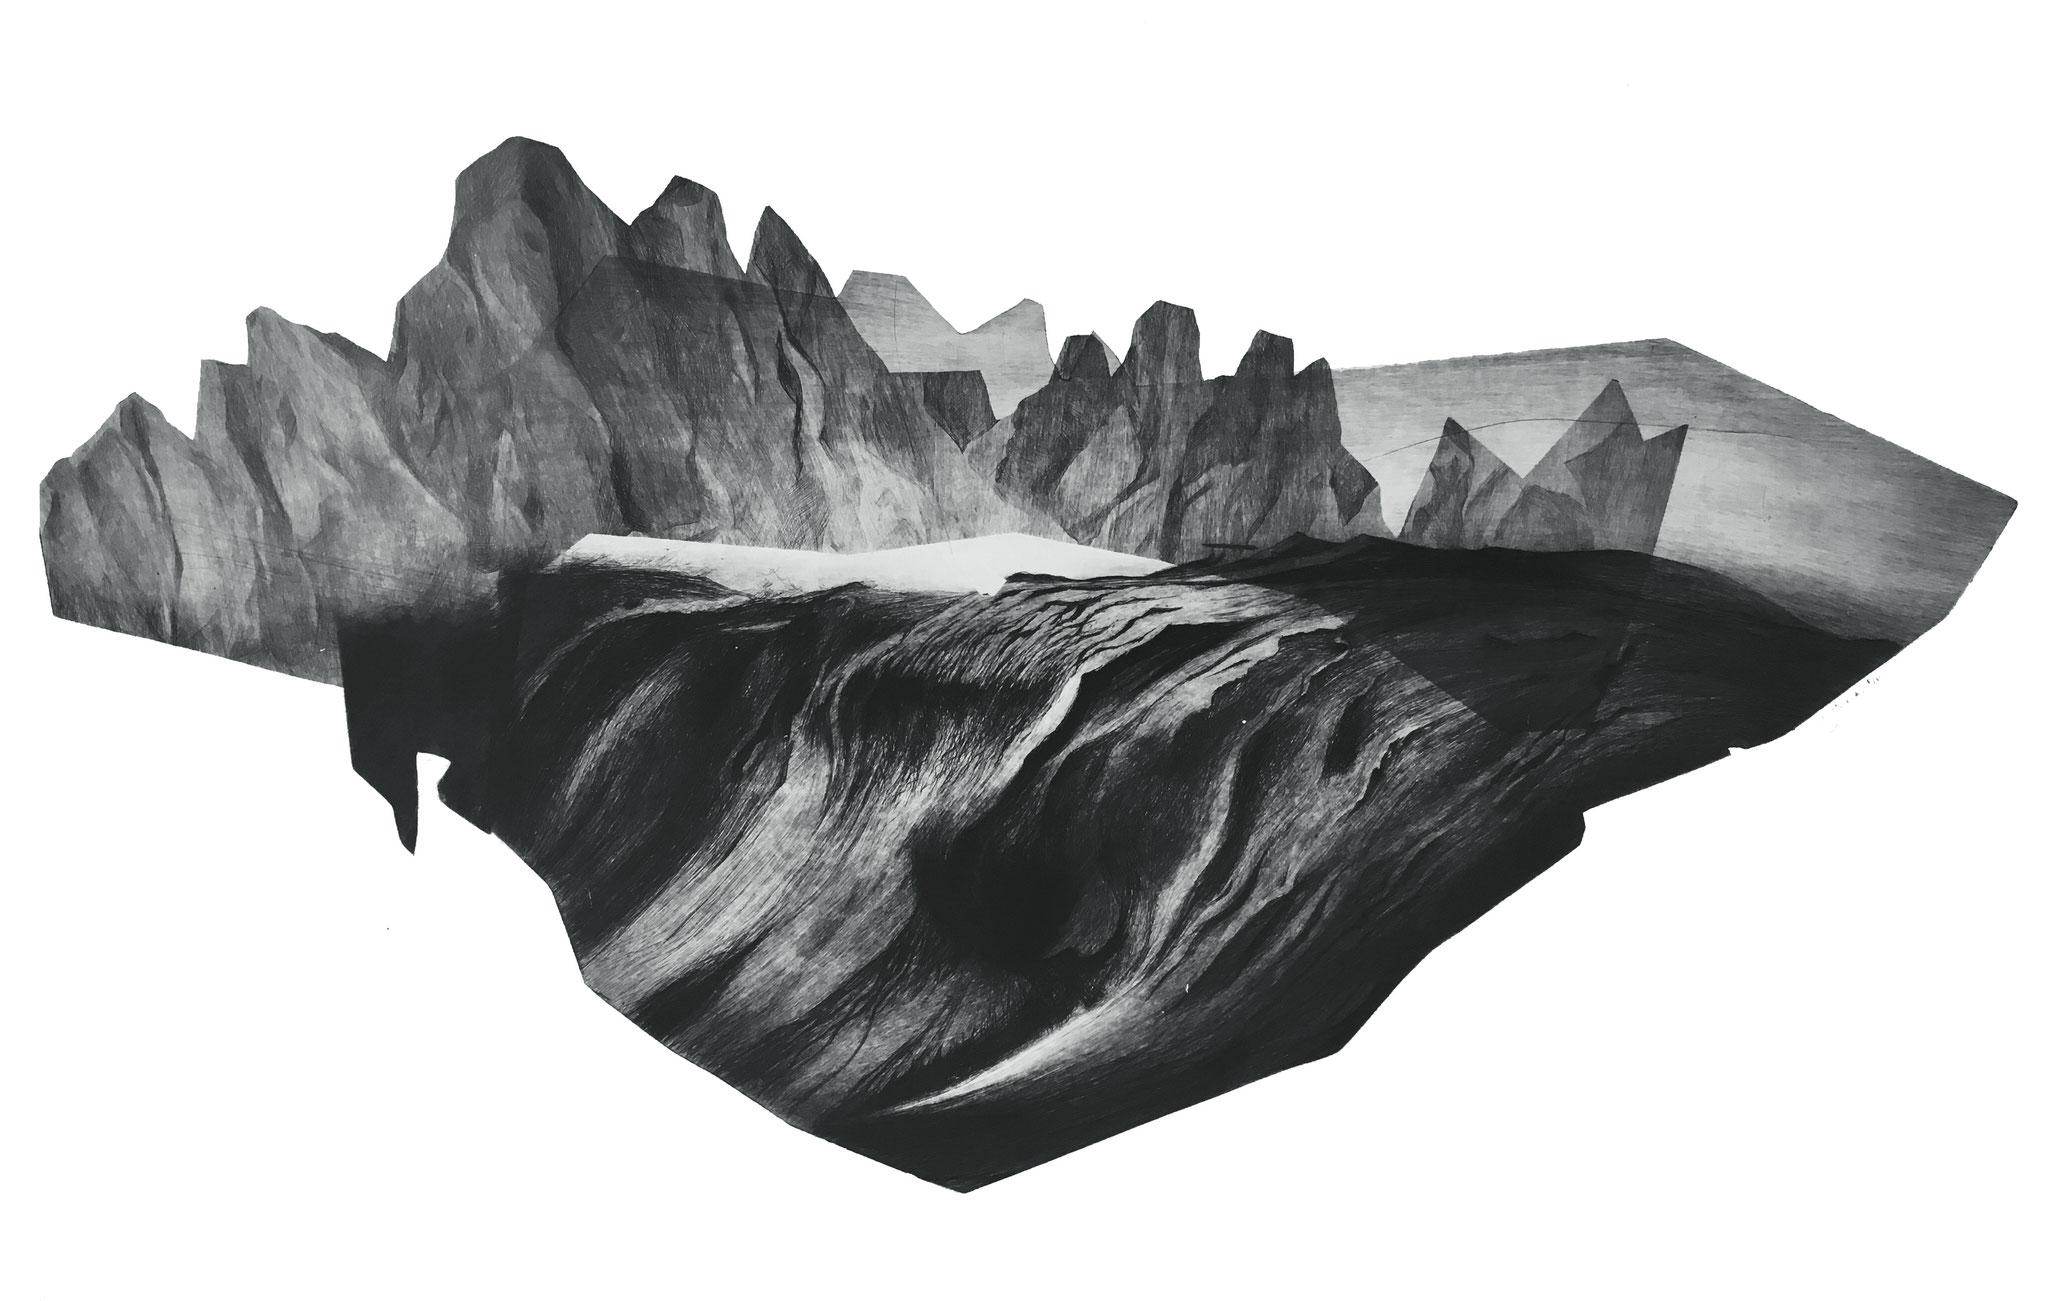 Série Les Enigmes, 4 I pointe sèche sur papier Fabriano I Epreuve d'artiste I 56 x 76 cm I 2017